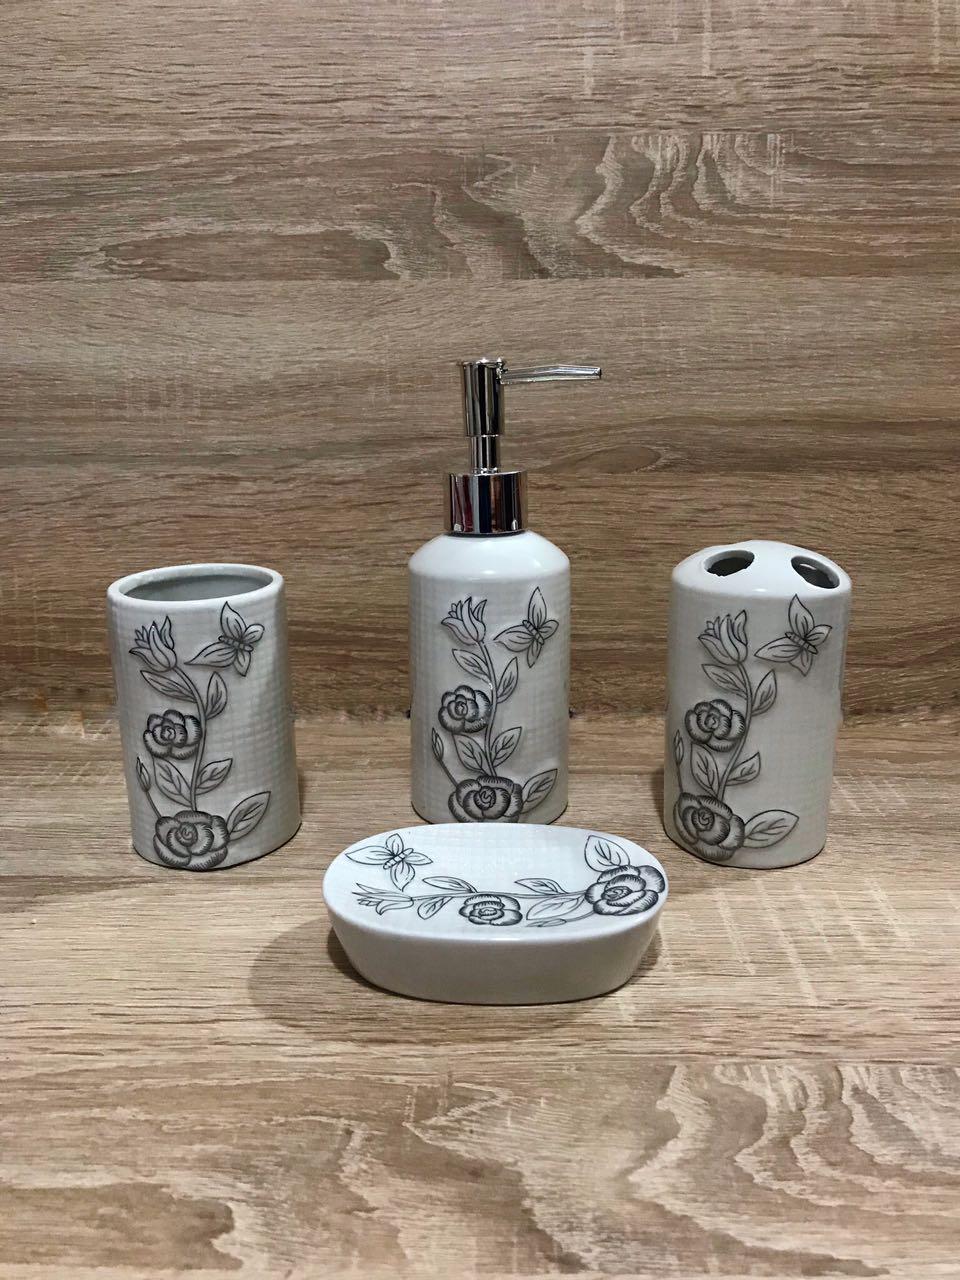 Керамический набор для ванной комнаты S&T, белый с цветочным орнаментом